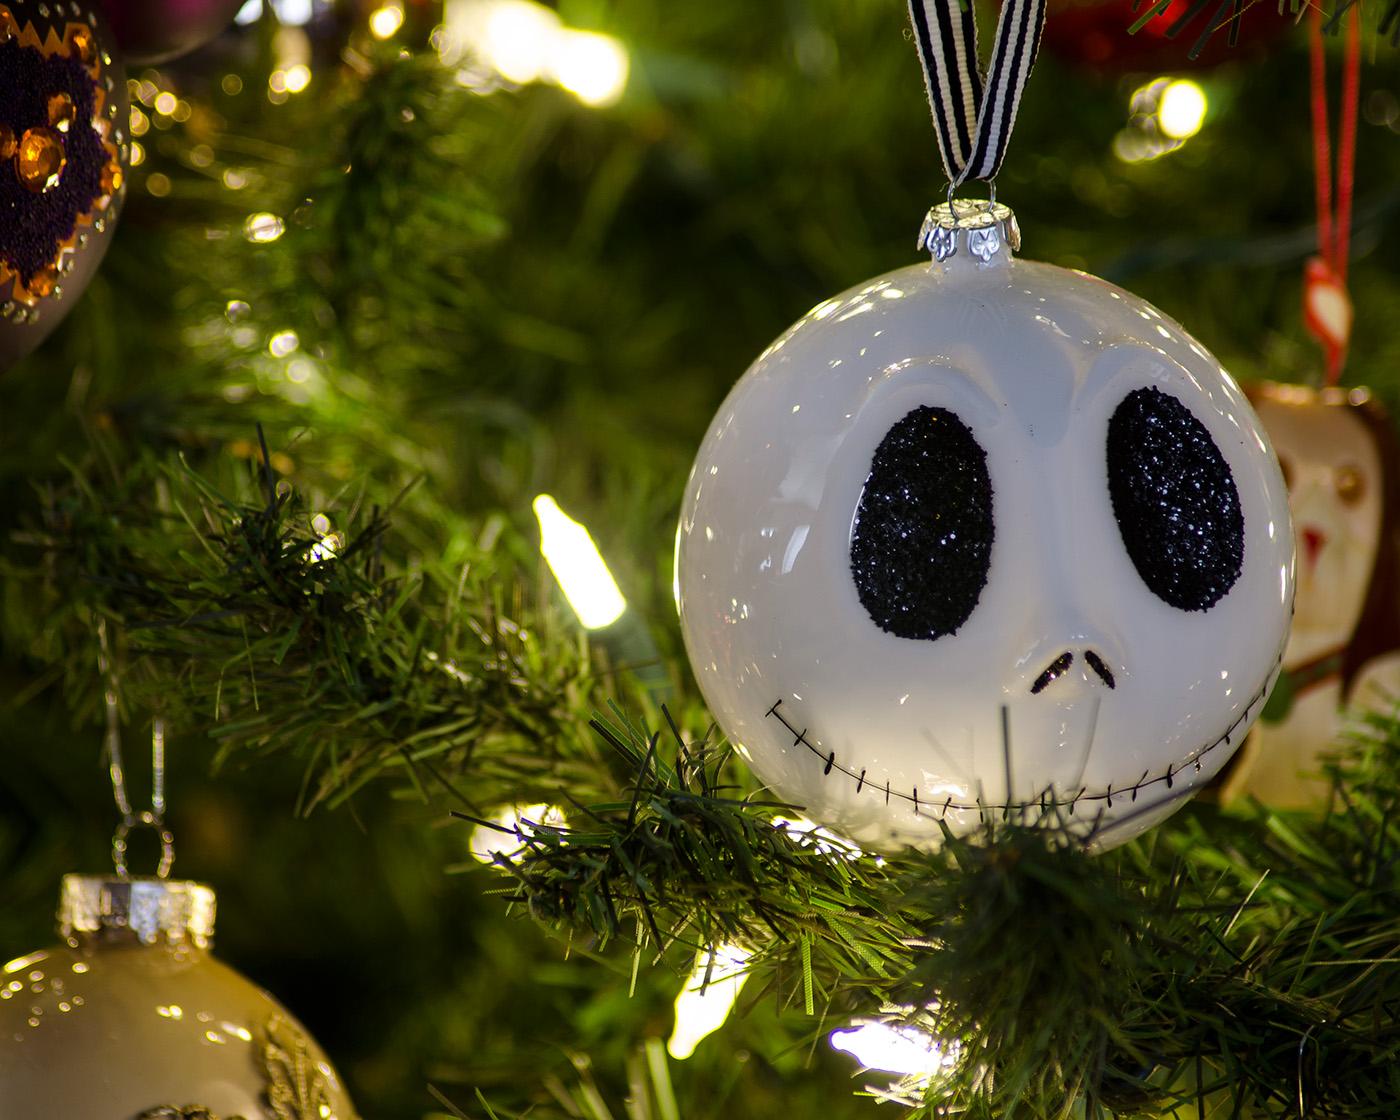 Los Adornos Navidenos Representan Un Objeto Esencial Del Diseno - Adronos-de-navidad